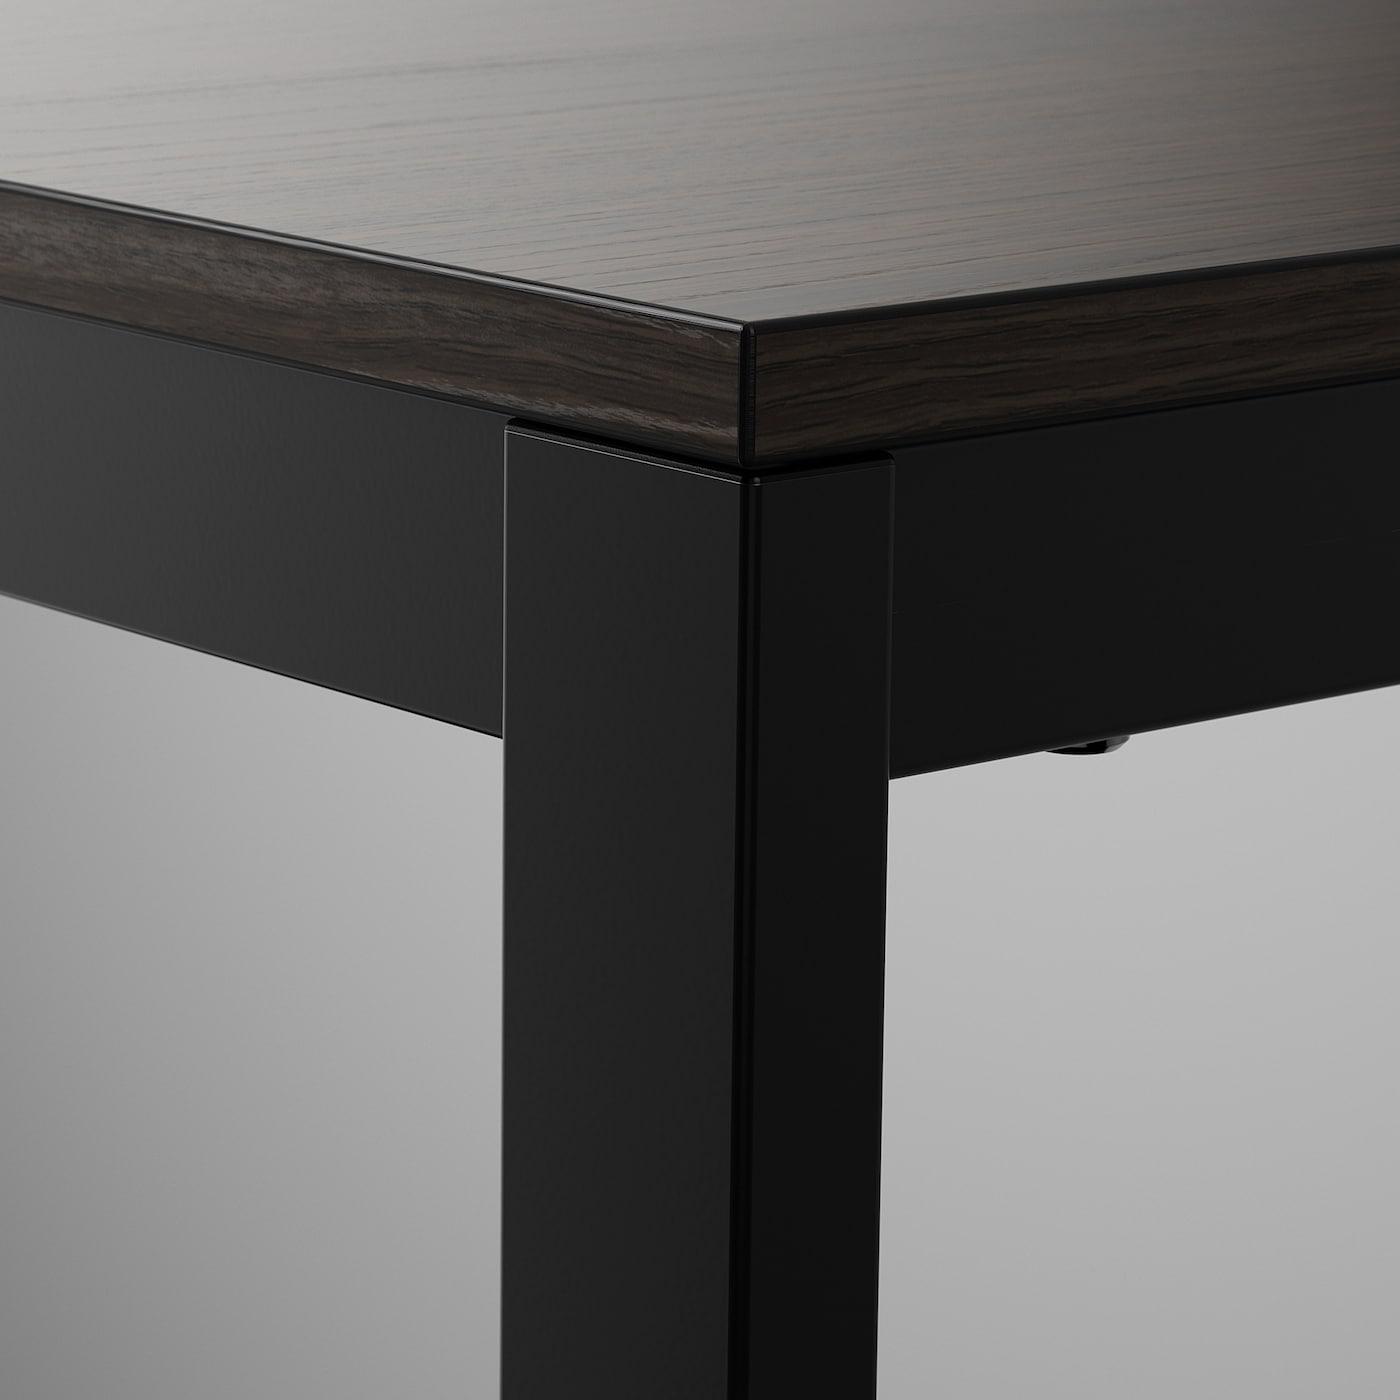 Vangsta Tavolo Allungabile Nero Marrone Scuro Leggi I Dettagli Del Prodotto Clicca Qui Ikea It